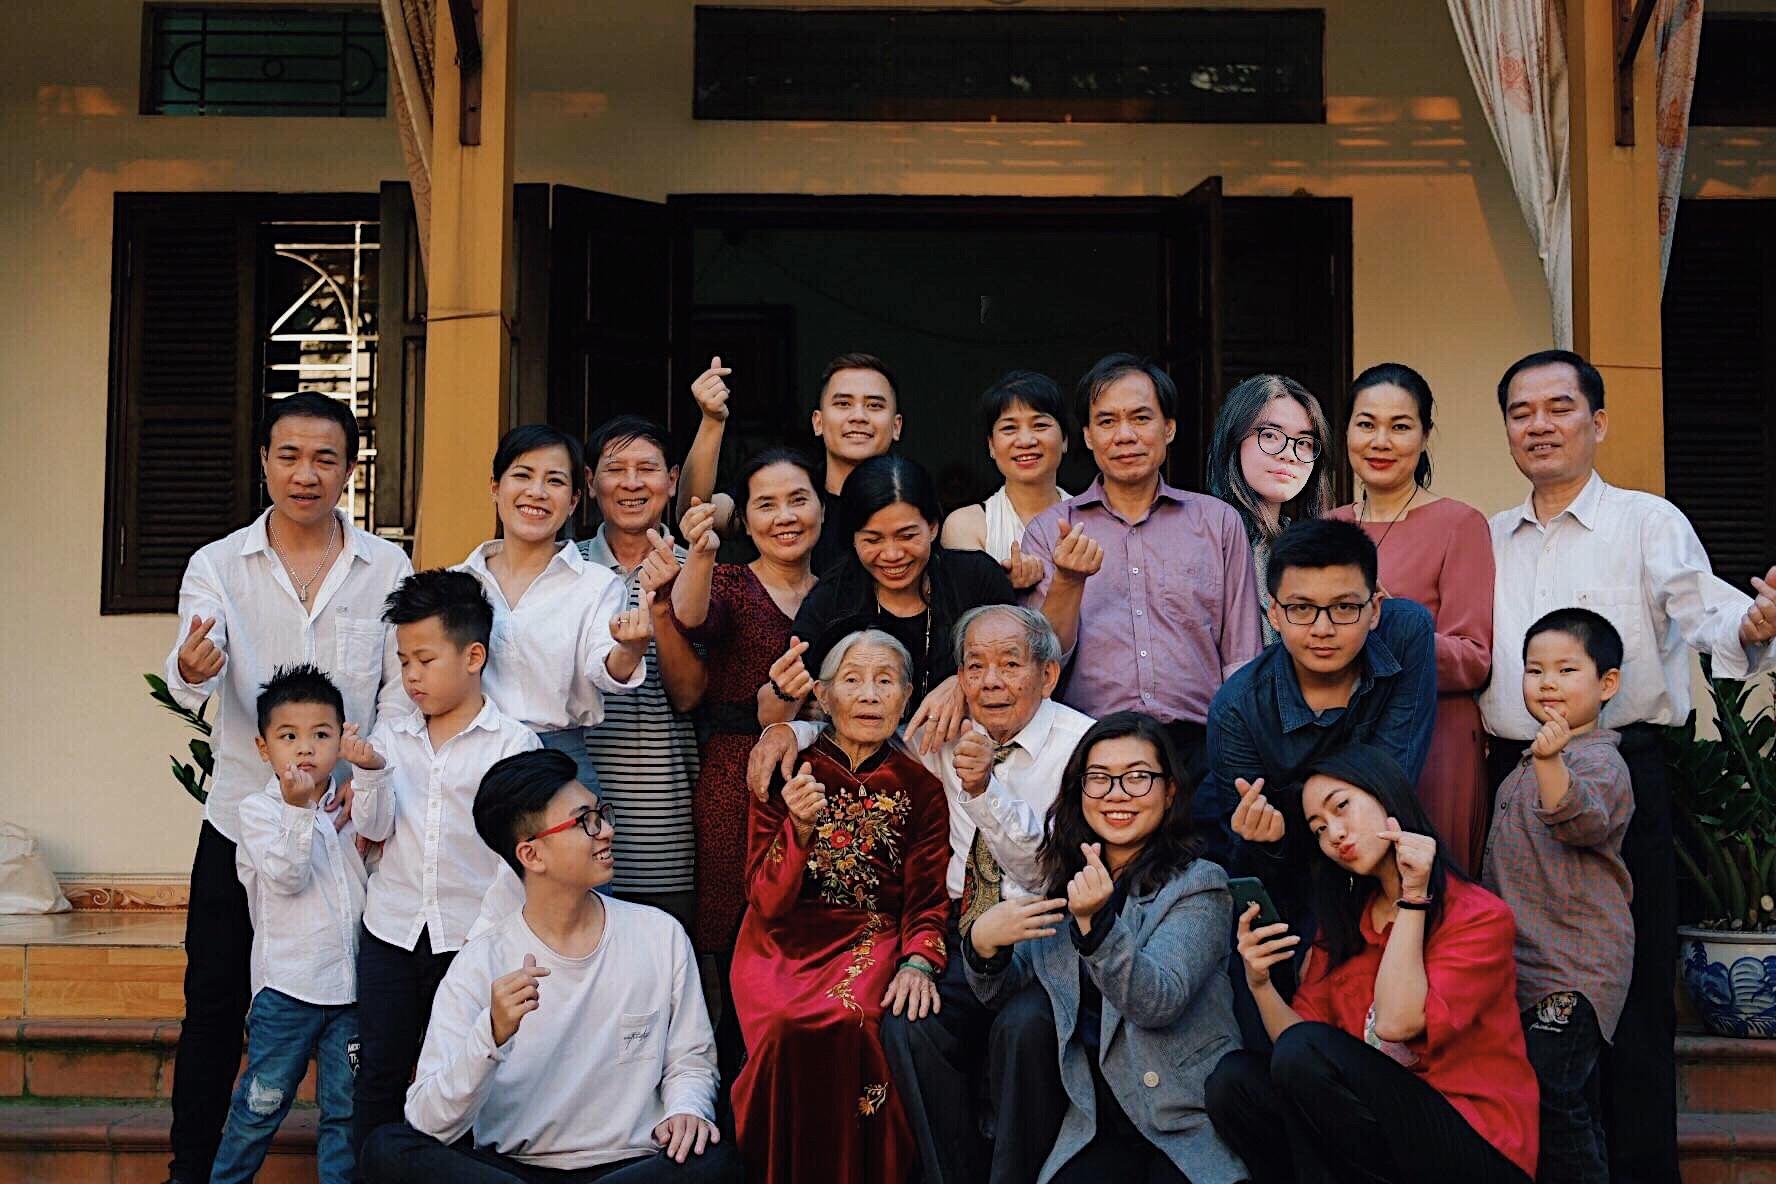 YT-02: Ảnh Tết Cùng Gia đình Cách Xa 13000 Cây Số